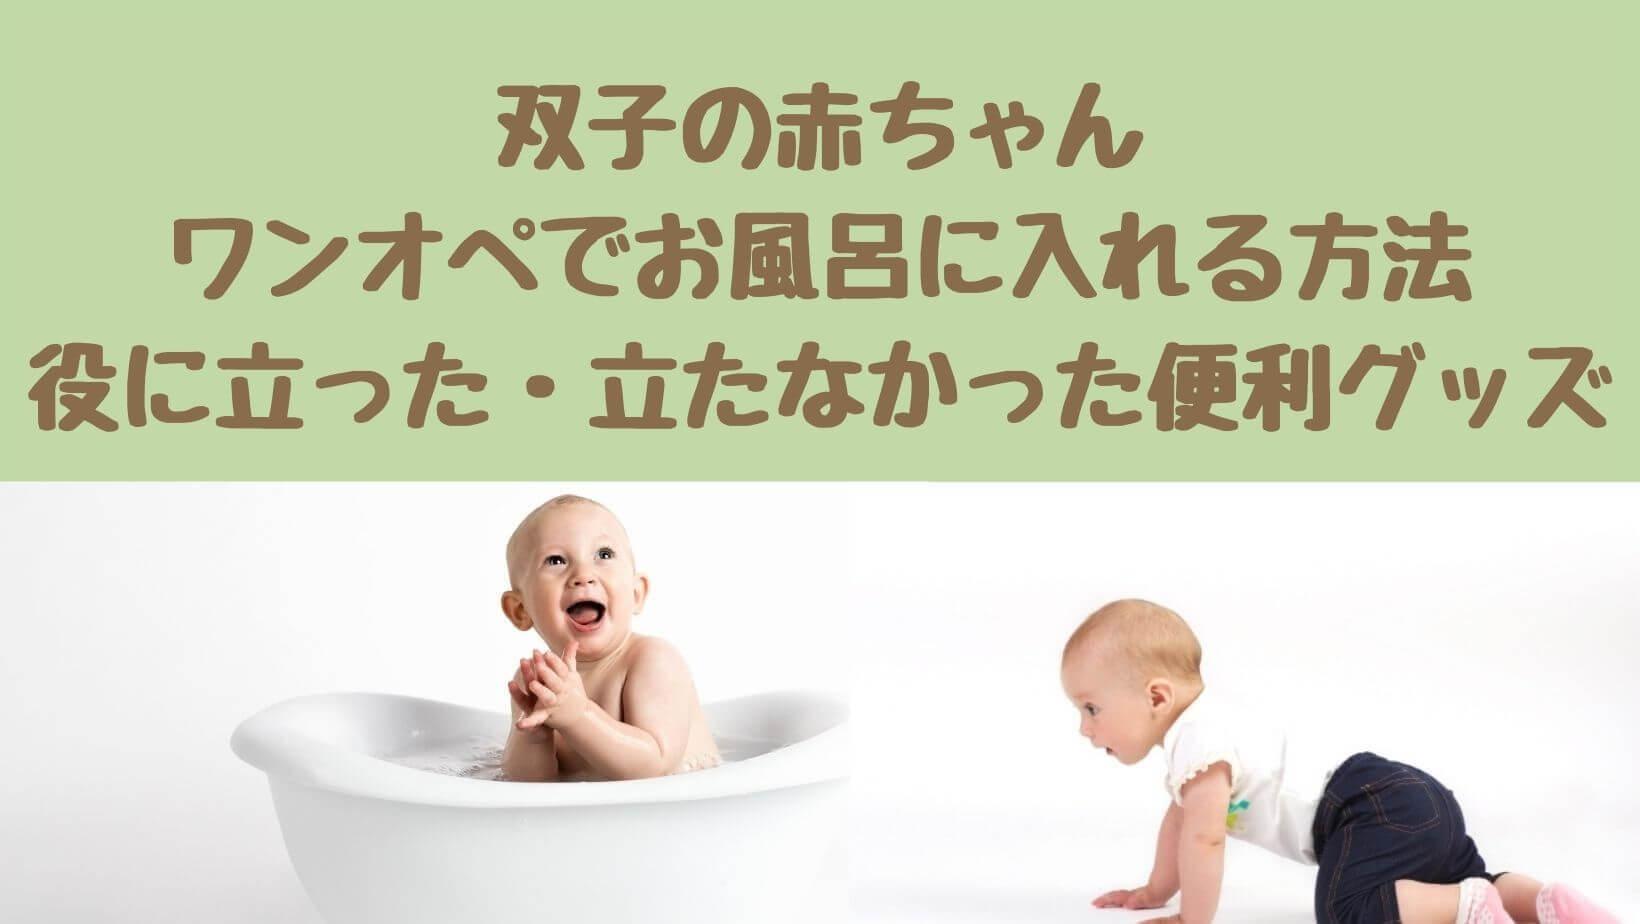 双子の赤ちゃんをワンオペでお風呂に入れる方法と、用意した便利グッズ